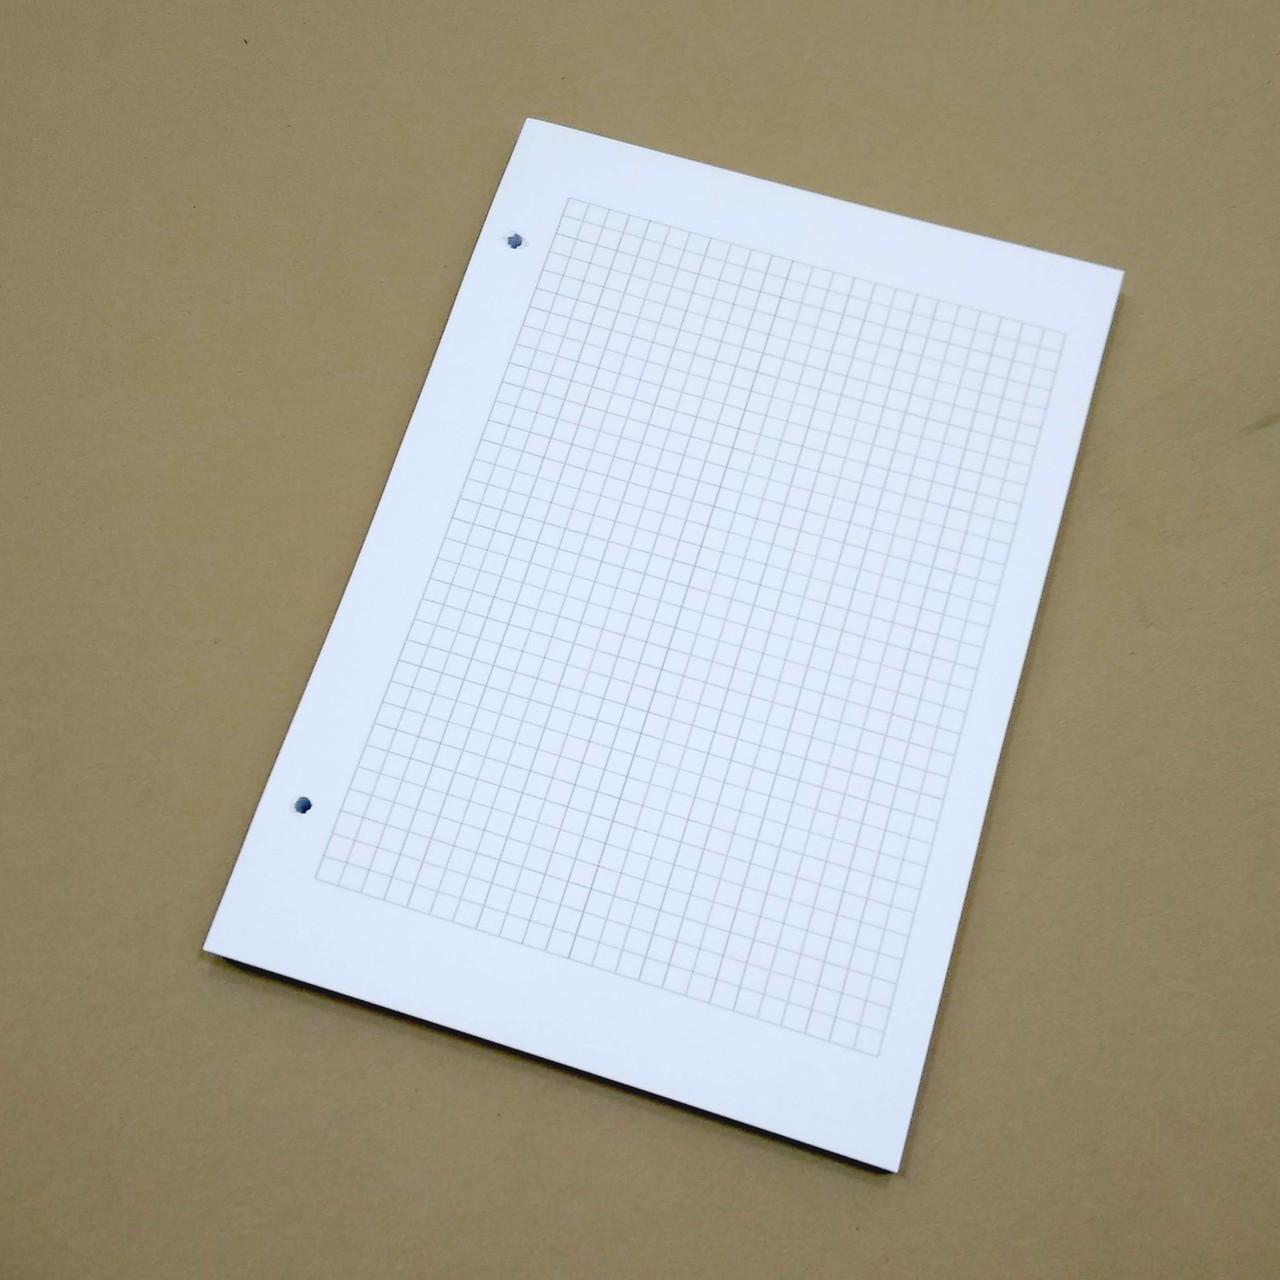 Бумага в клетку для блокнота Формата А5.